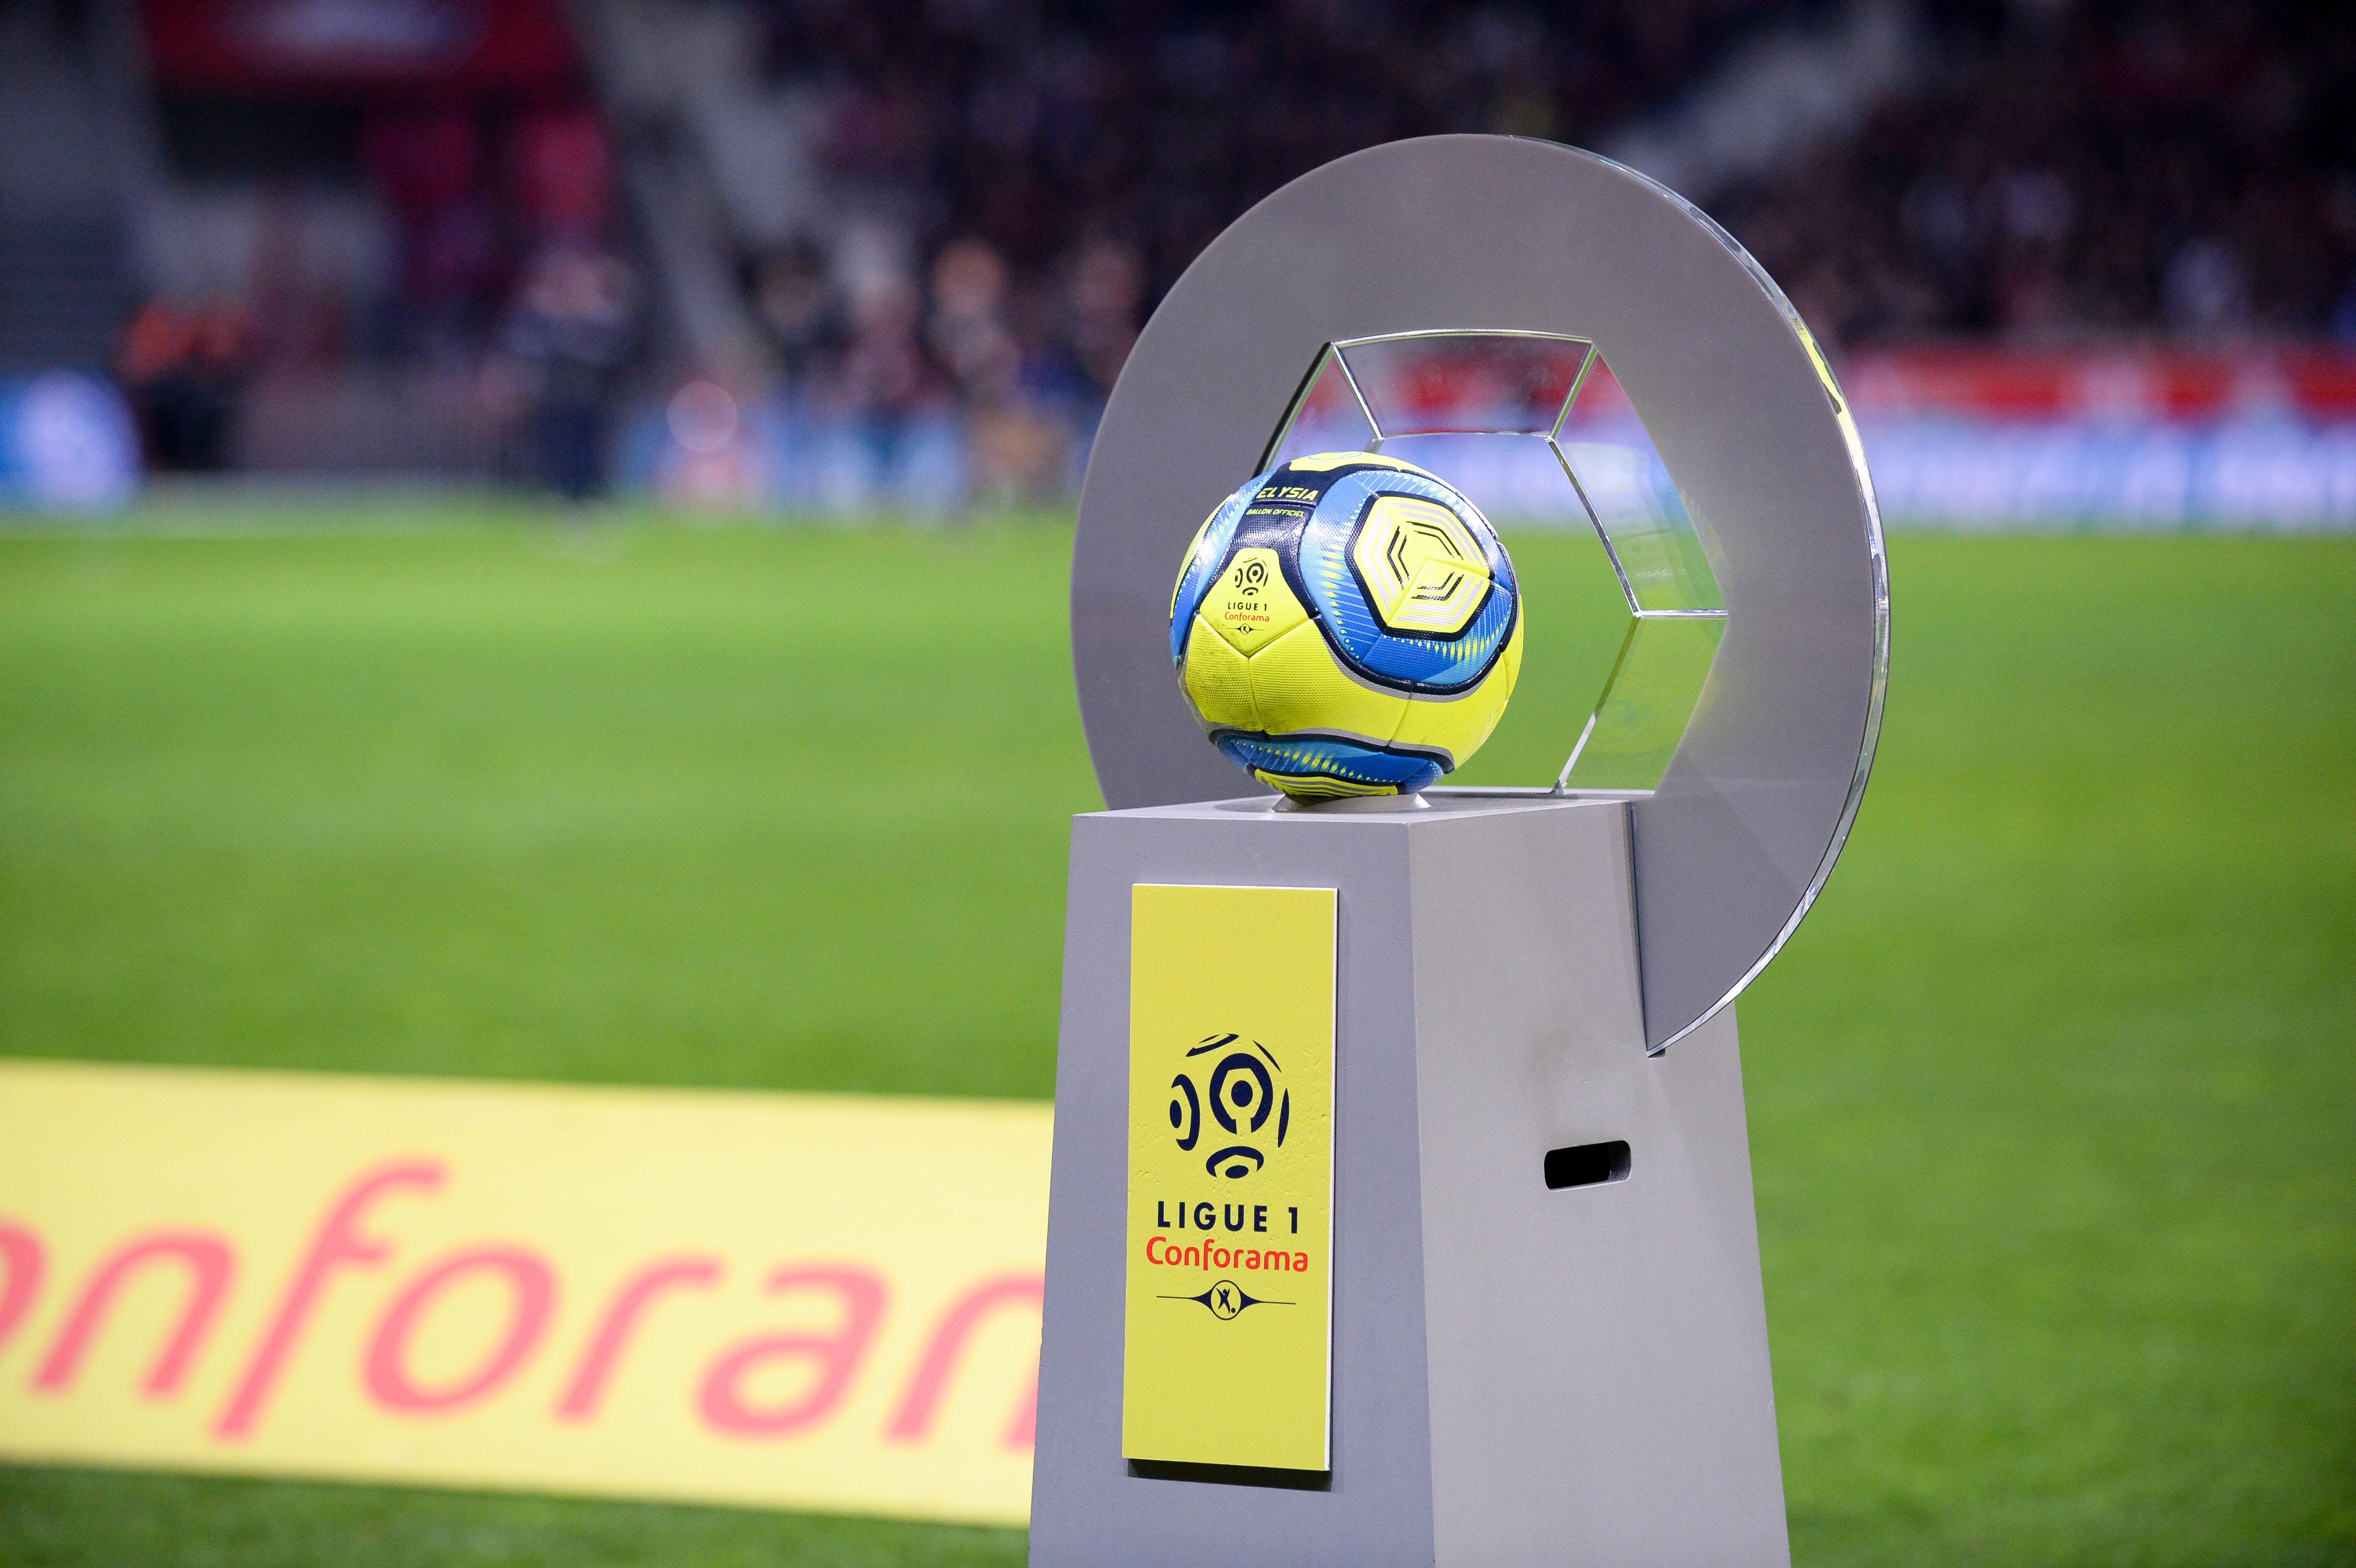 Football - Ligue 1 - Ligue 1 : le tribunal administratif de Paris rejette les recours de Lyon, Amiens et Toulouse